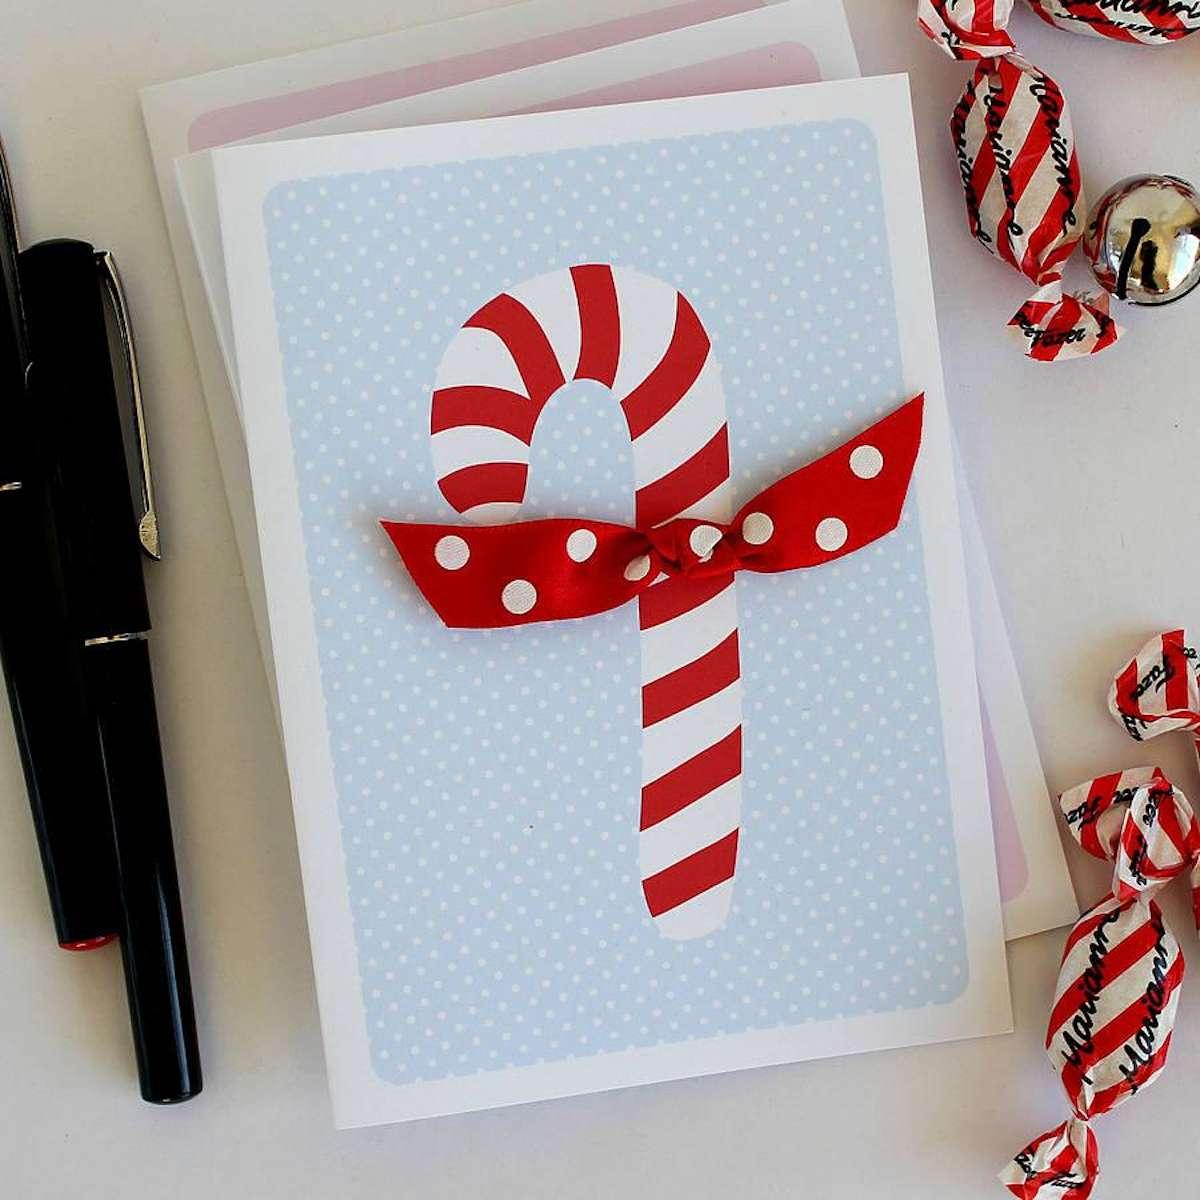 Originales tarjetas navideñas para felicitar las fiestas 7